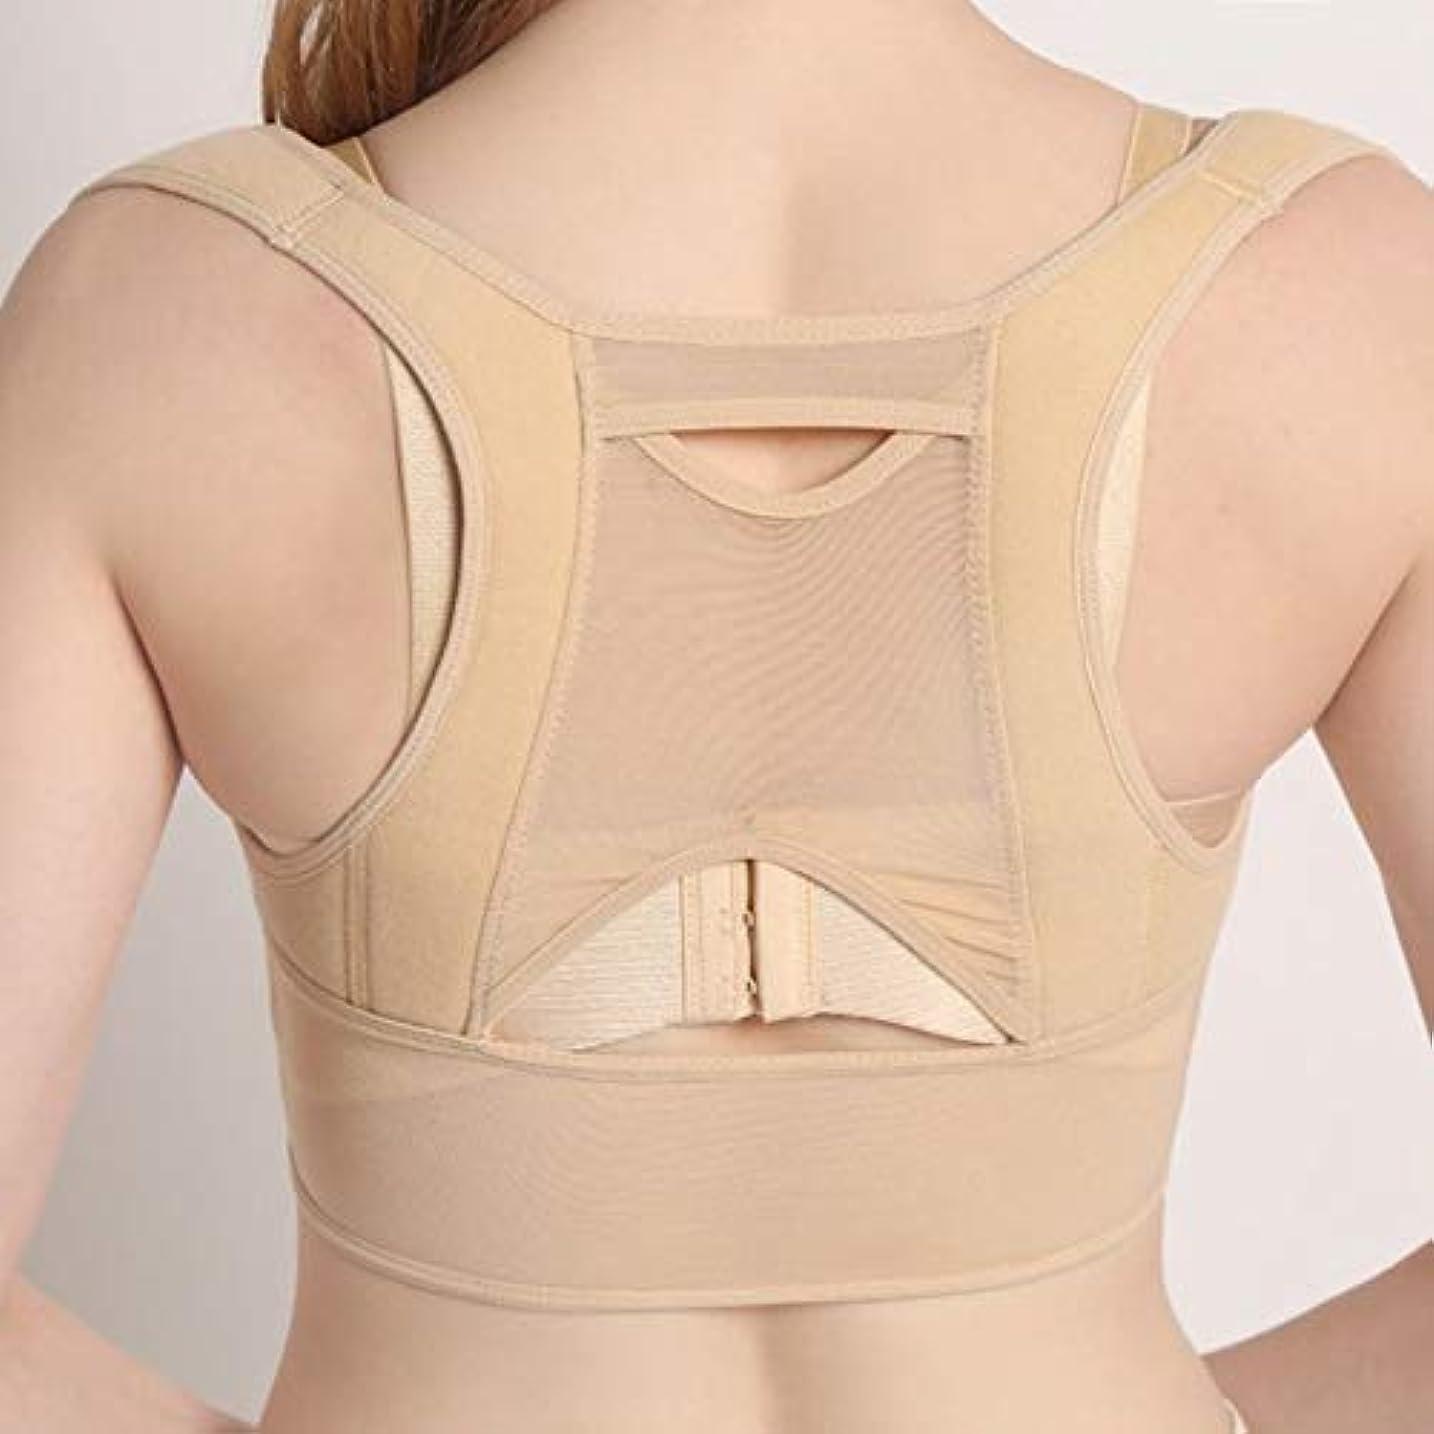 自然公園包帯販売計画女性の背部姿勢補正コルセット整形外科の上部背部肩背骨姿勢補正器腰椎サポート-ベージュホワイトM